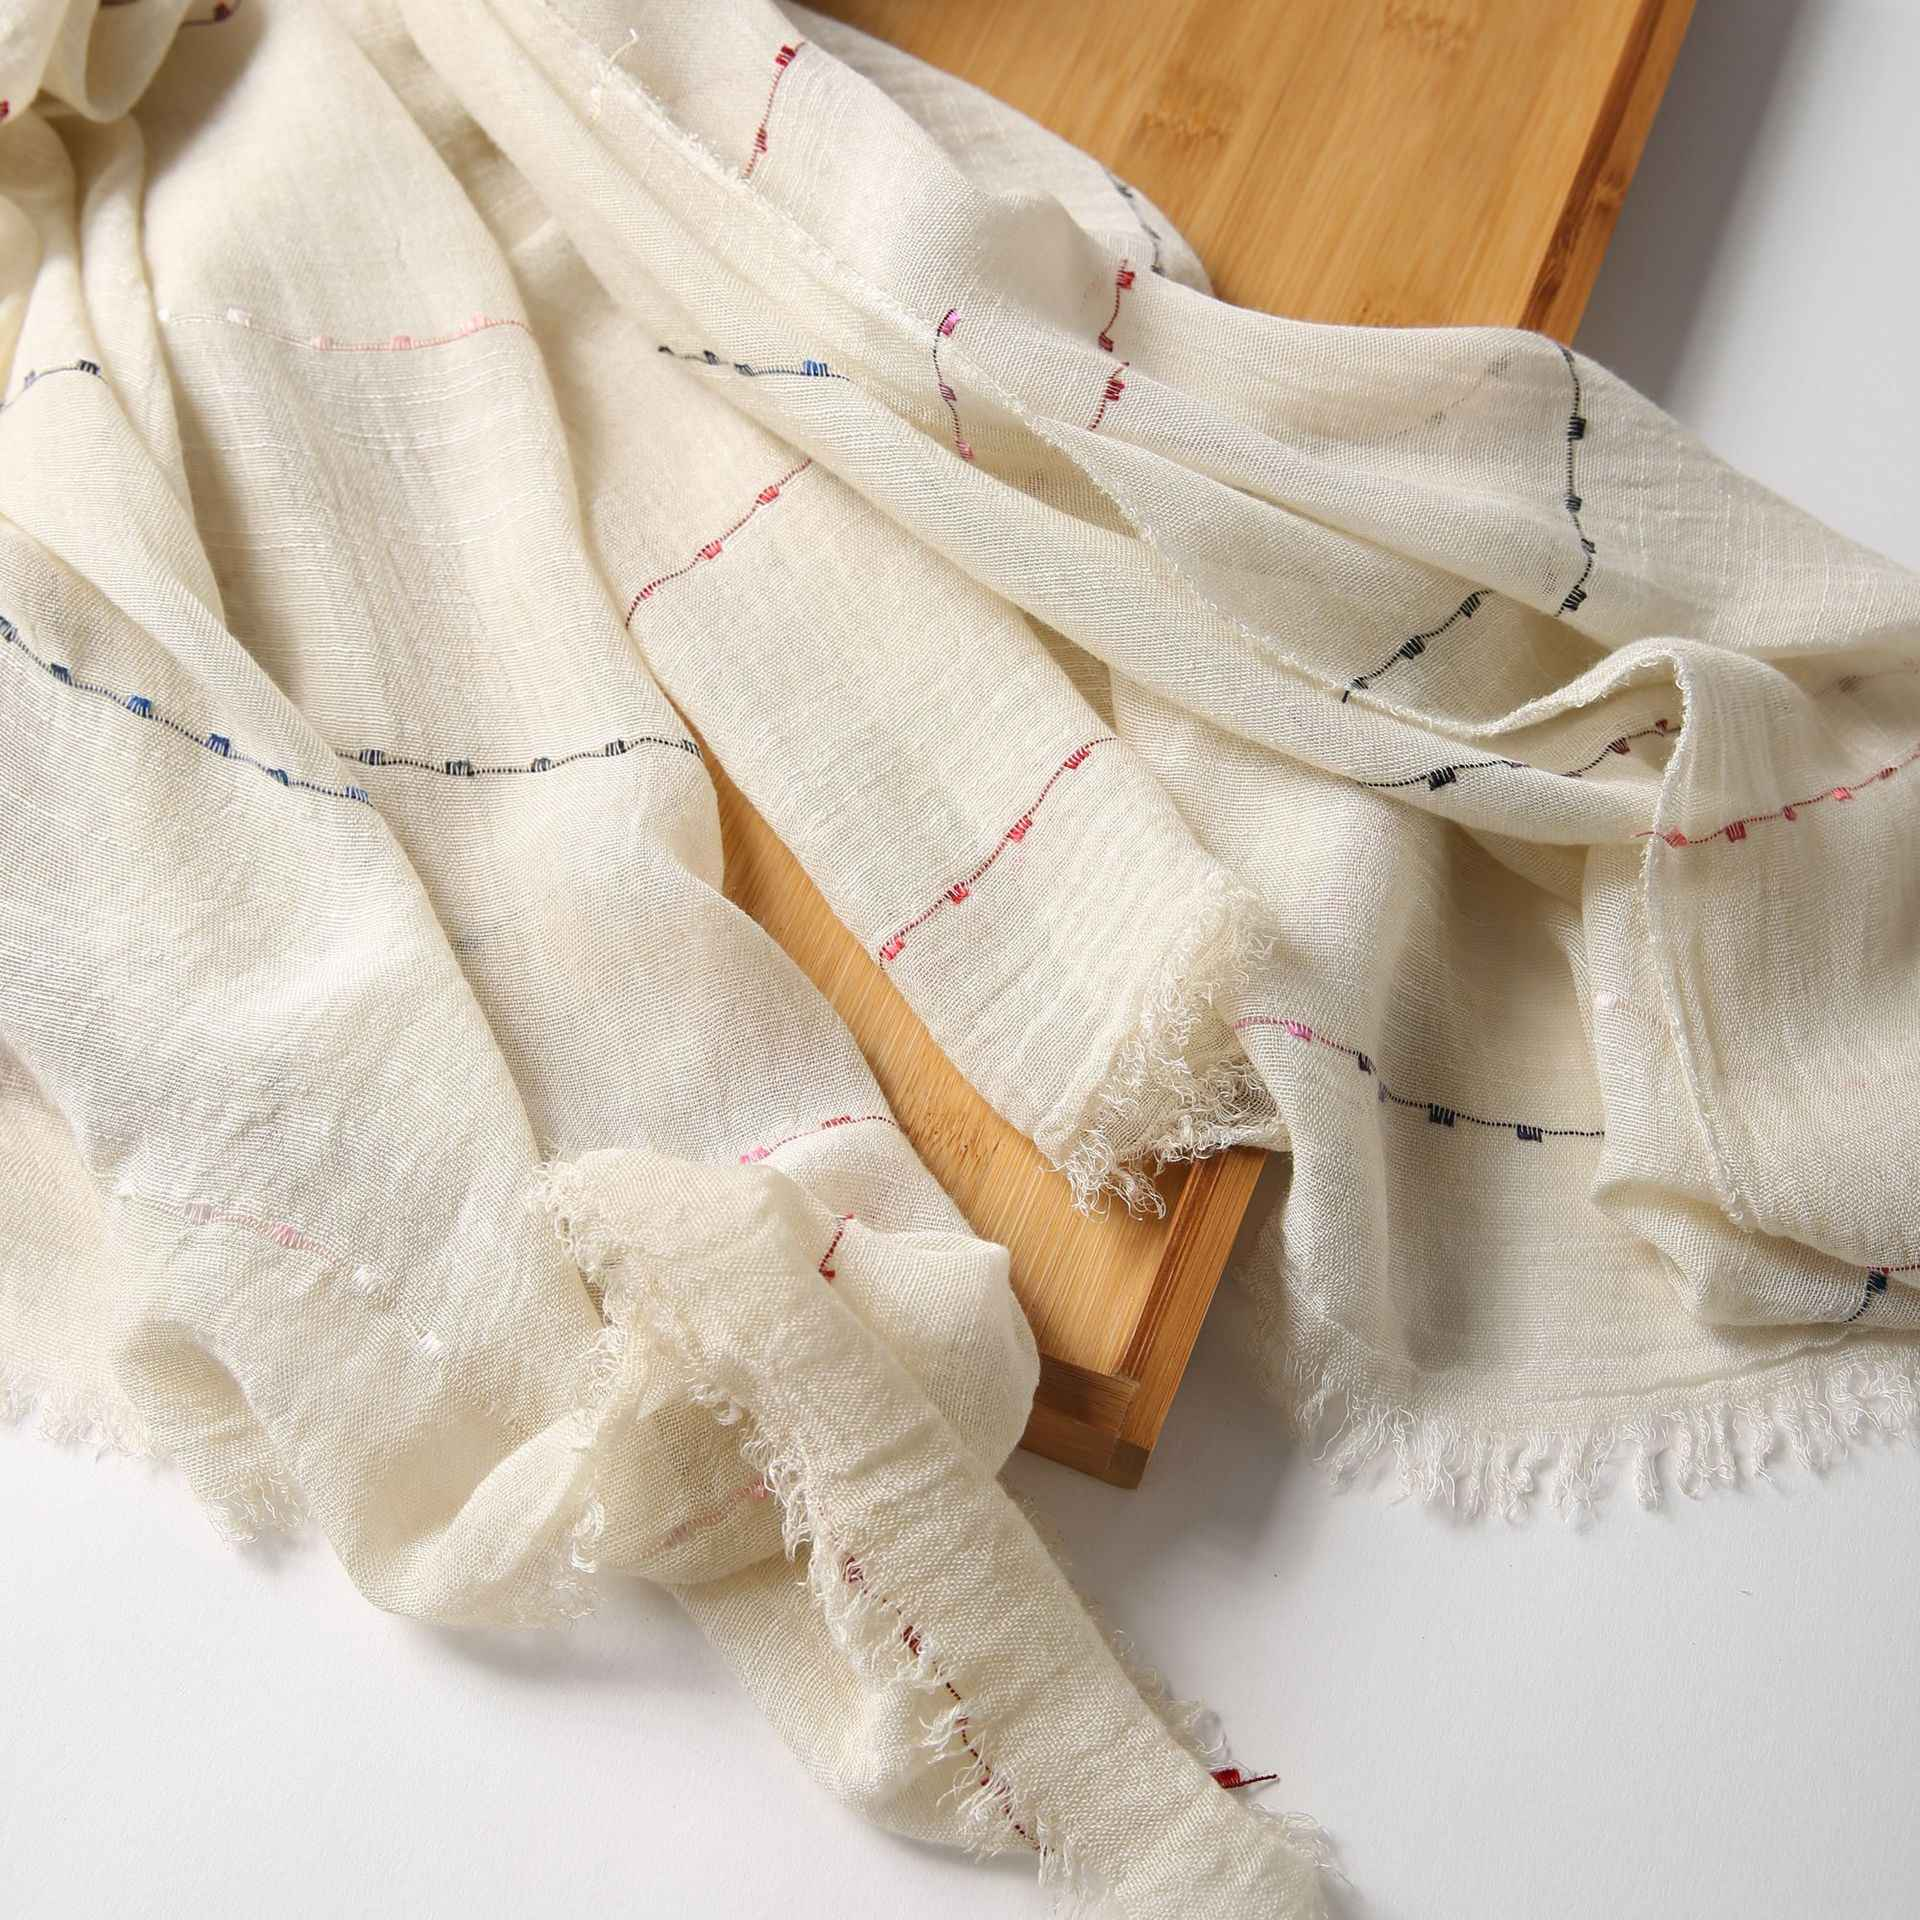 Корейский стиль Ретро Художественный весенне-осенний шарф шаль дикий женский шарф в японском стиле льняной Полосатый Солнечный длинный шарф